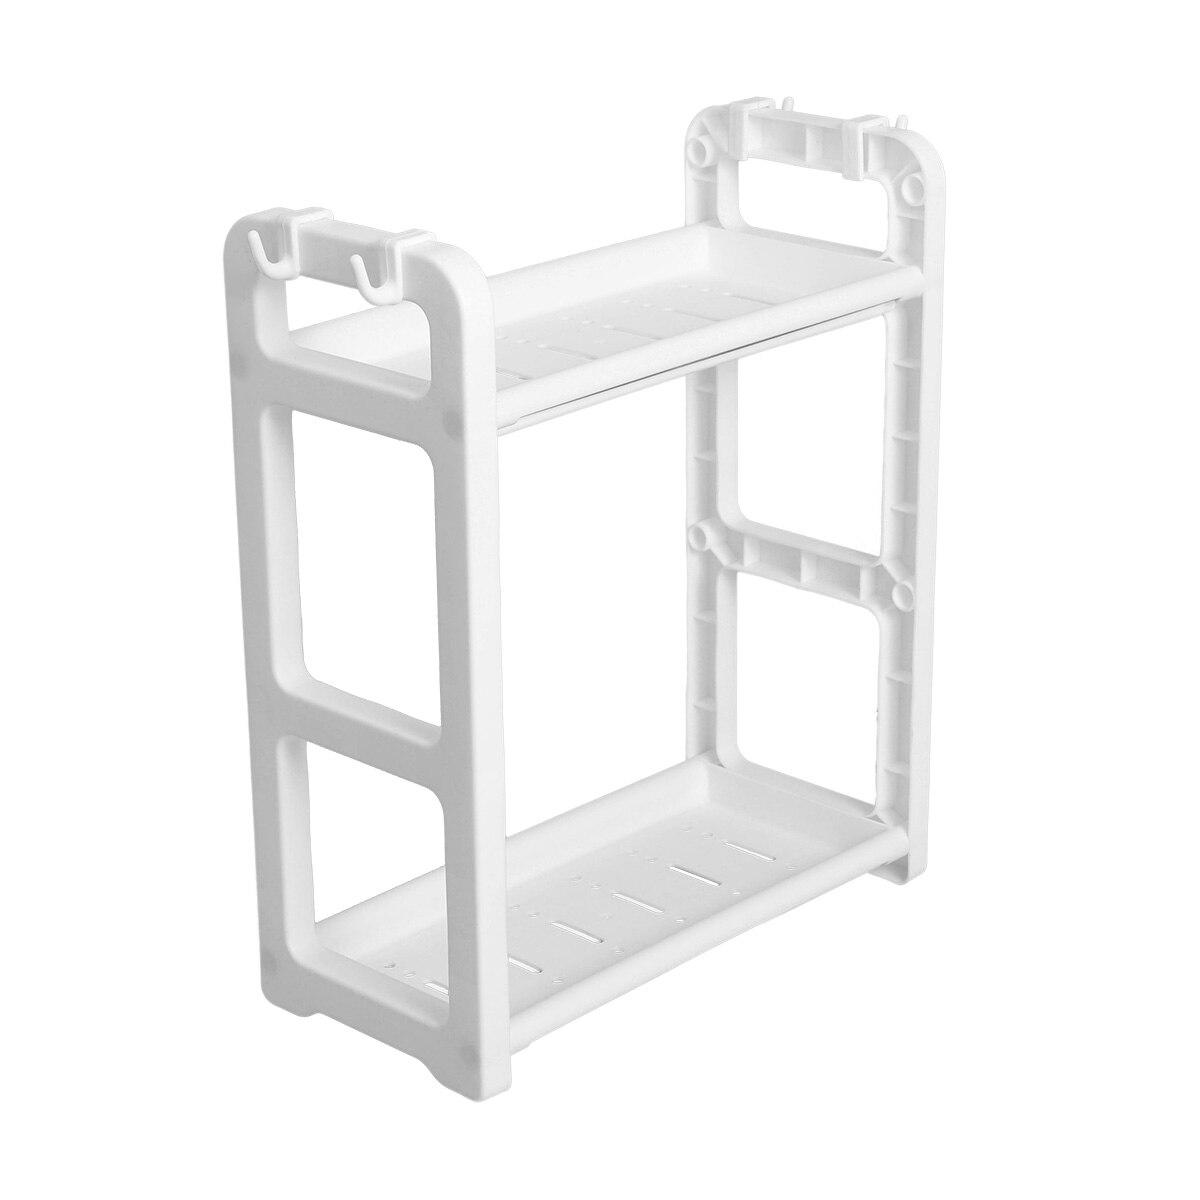 2 Tier Table Standing Rack Kitchen Bathroom Shelf ...